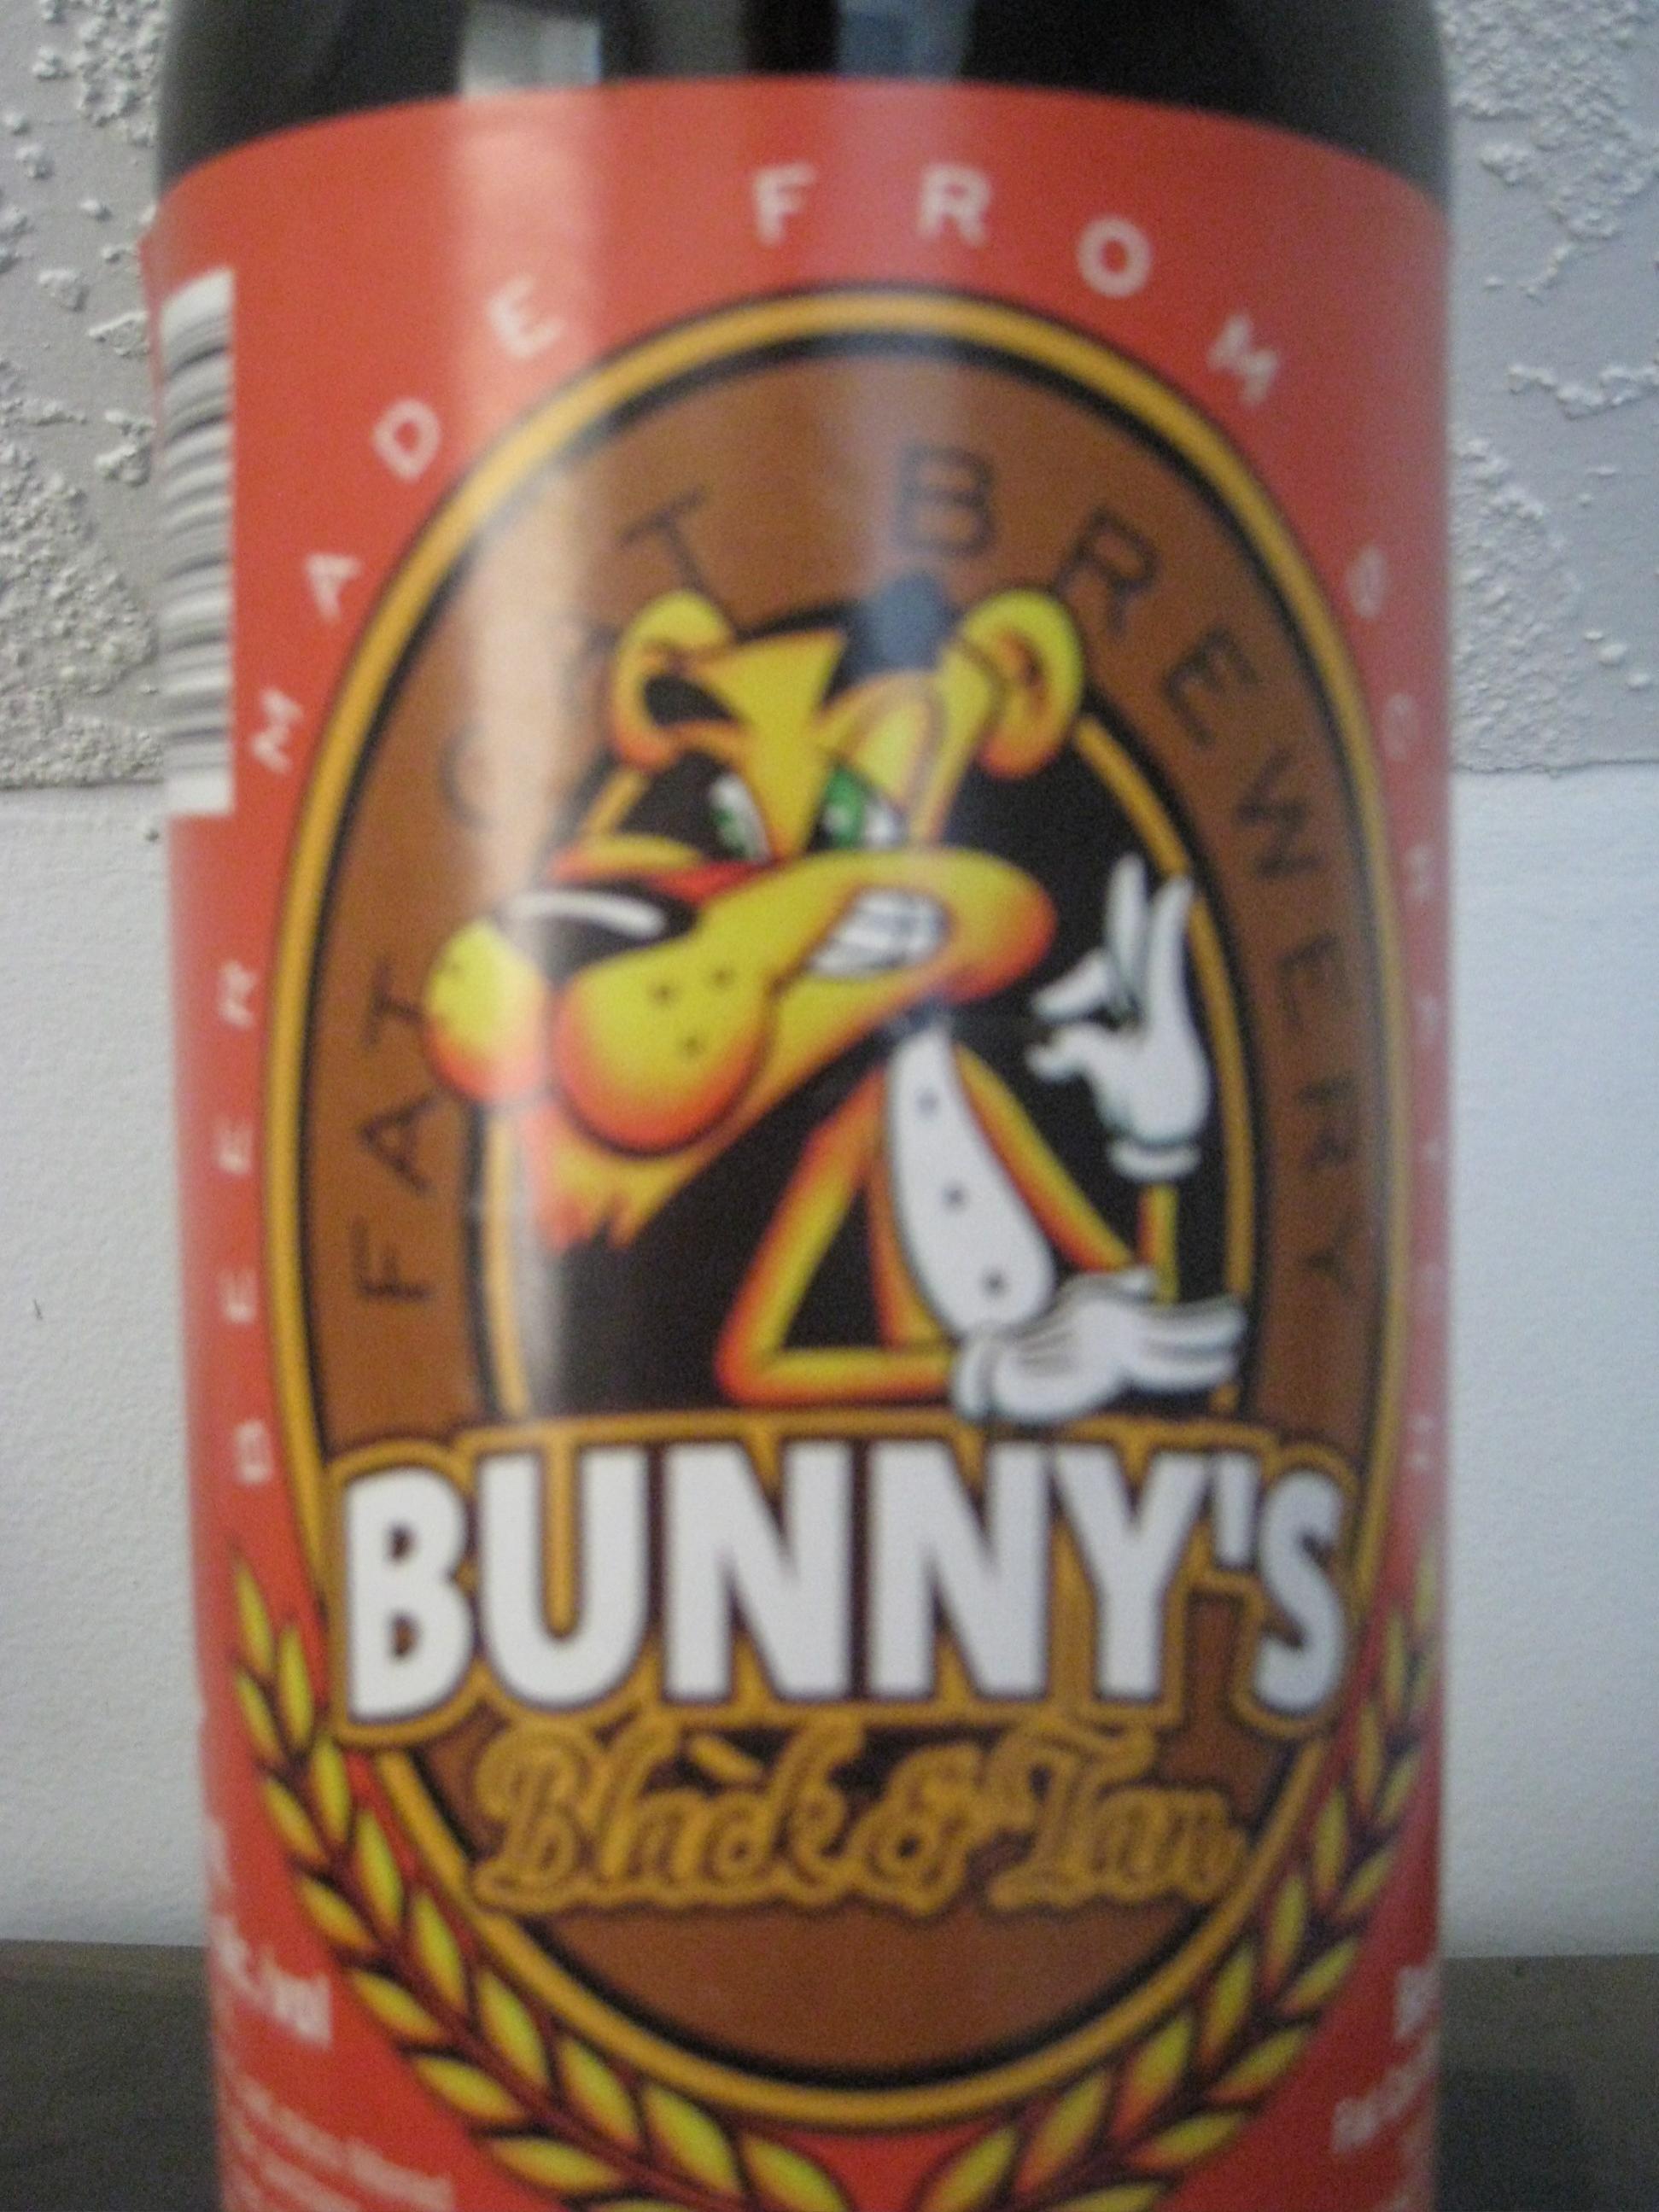 Bunny's Beer???-picture-012.jpg